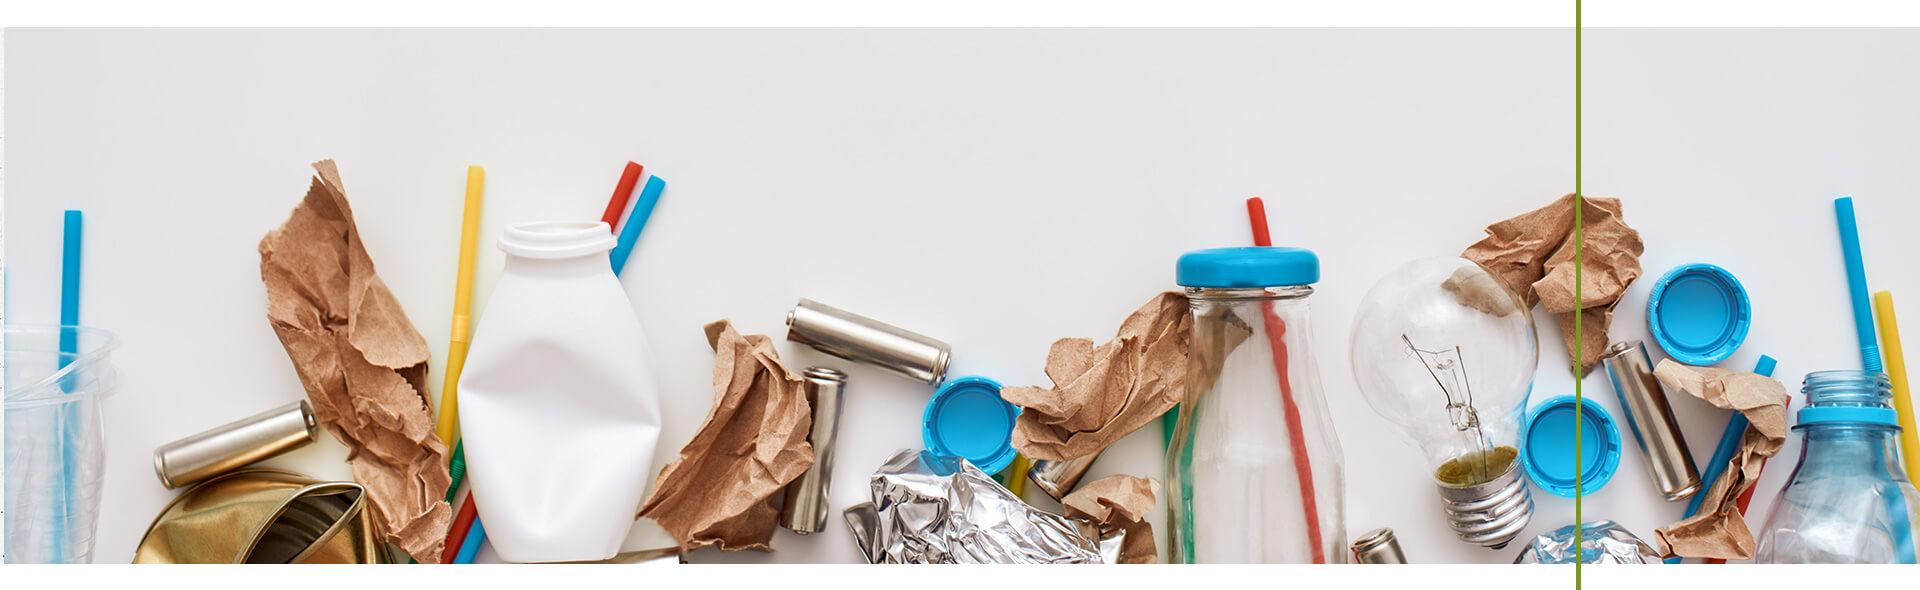 Odpady zmieszane nie pasują do żadnej kategorii